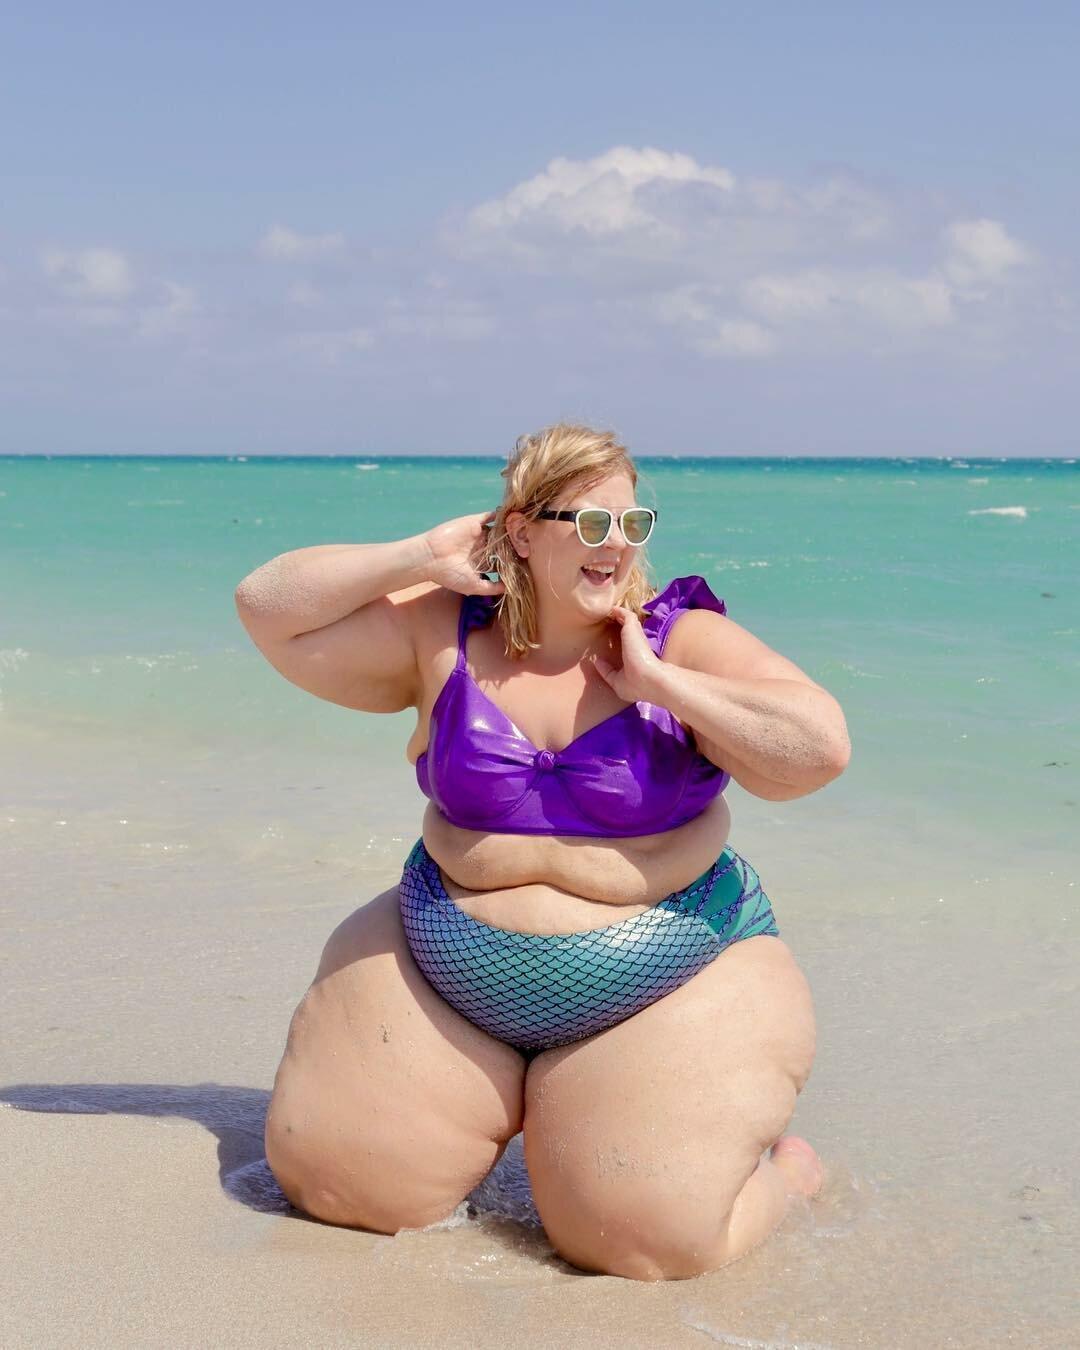 ceTRZxOwnlw - Модная модель Gillette Venus: бодипозитив или пропаганда ожирения